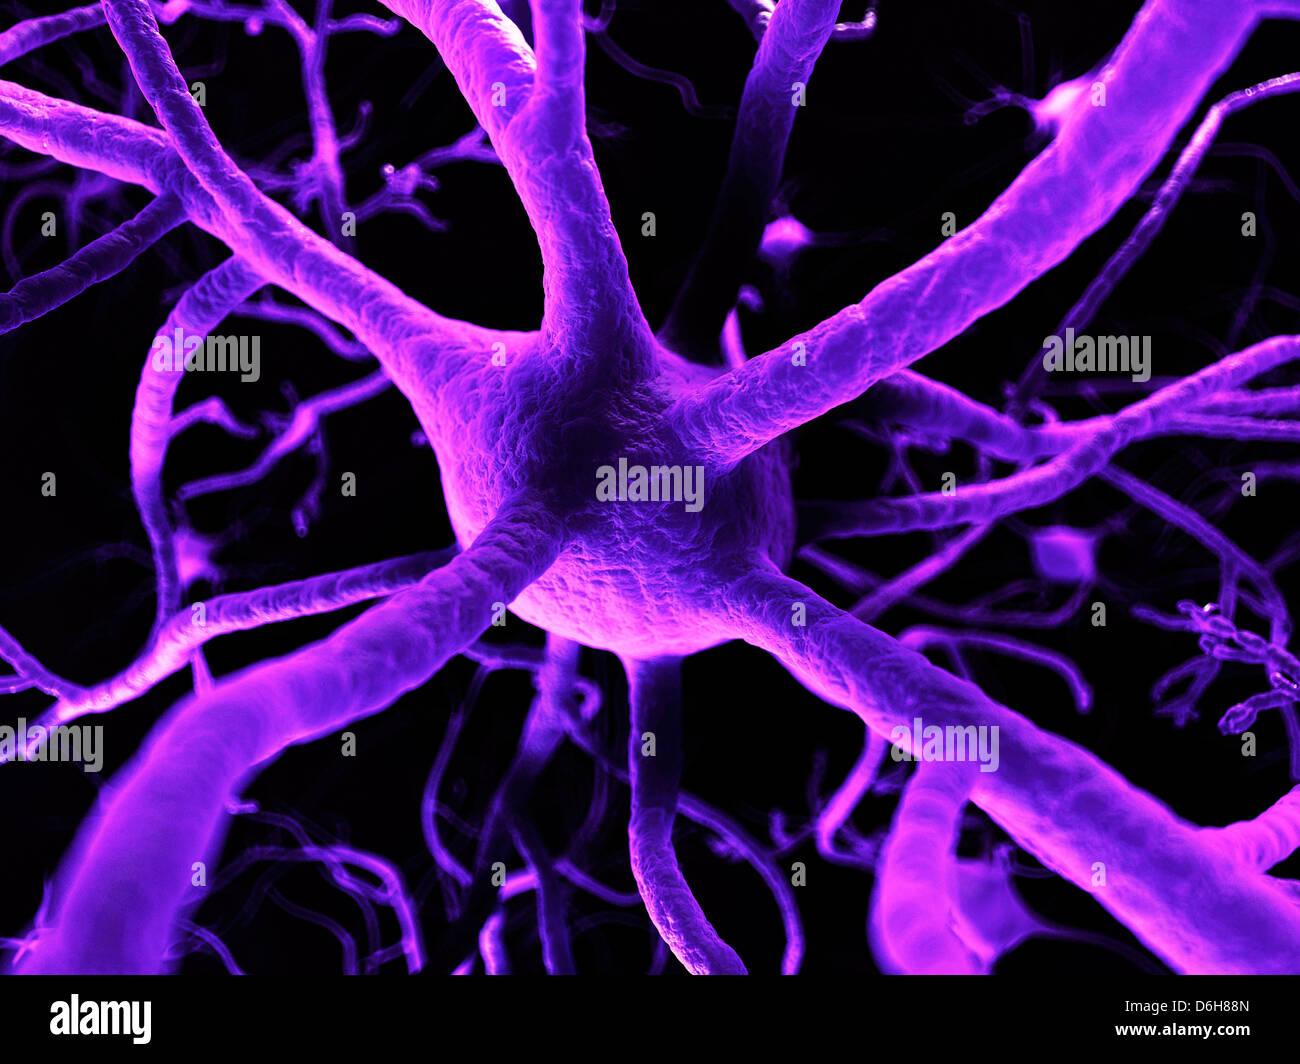 Nerve cells, artwork - Stock Image